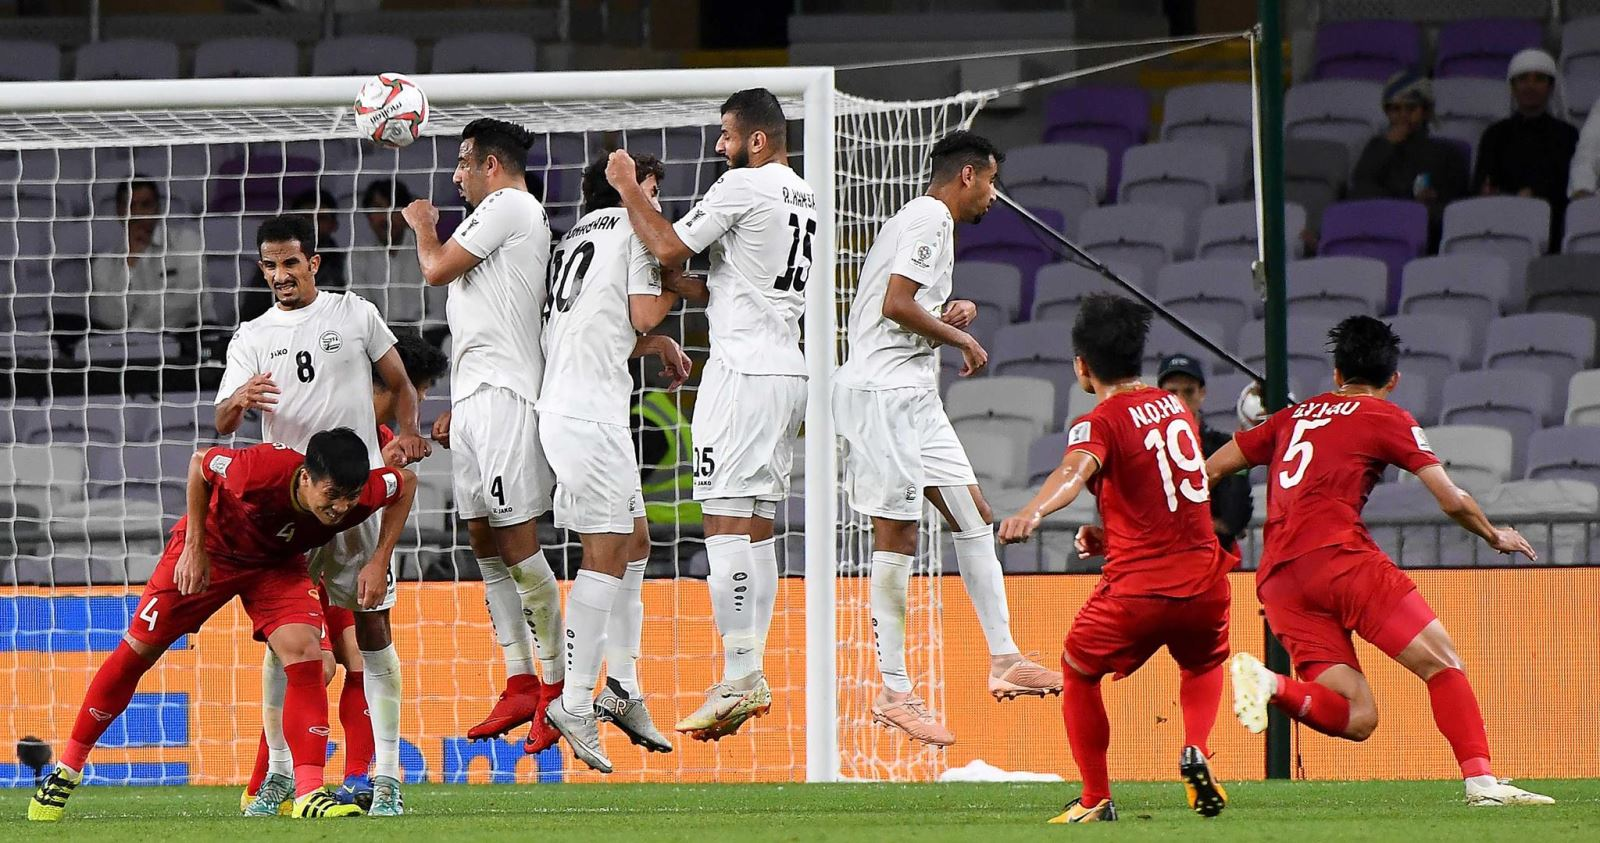 VTV6. Trực tiếp bóng đá hôm nay: Việt Nam vs Jordan, Thái Lan vs Trung Quốc, Iran vs Oman